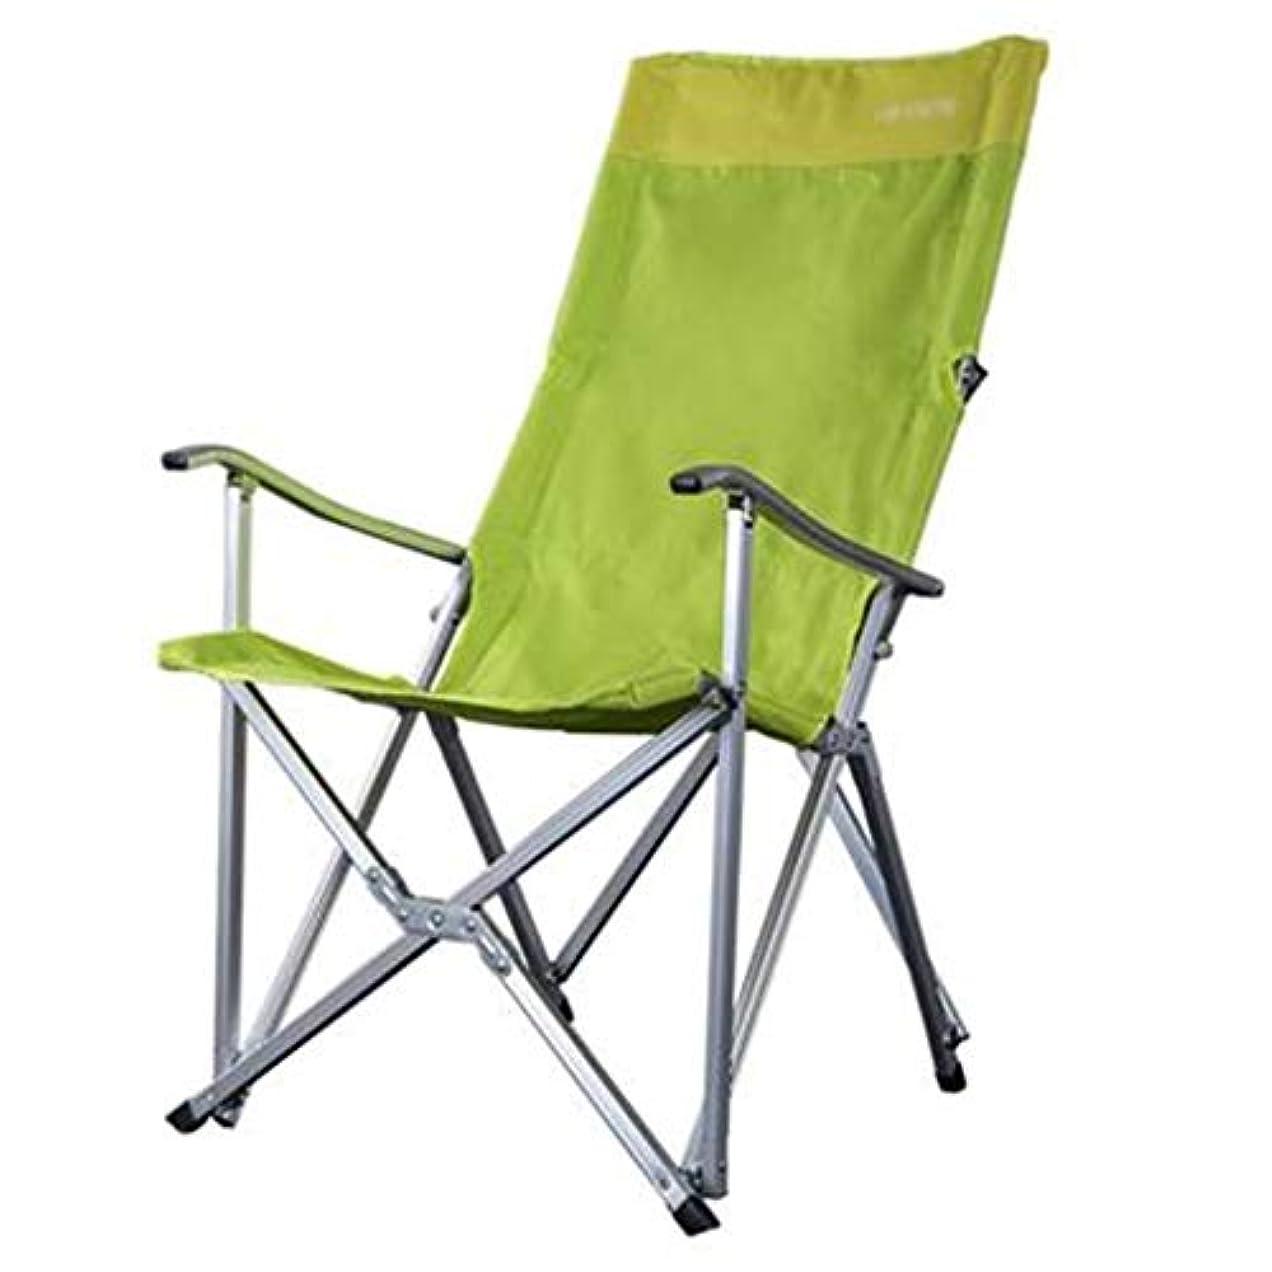 マッシュキノコびん折りたたみチェア 単一の屋外のオフィスの釣りアルミニウムあと振れ止めビーチ携帯用椅子リクライニング折りたたみ椅子 折りたたみチェア 超軽量